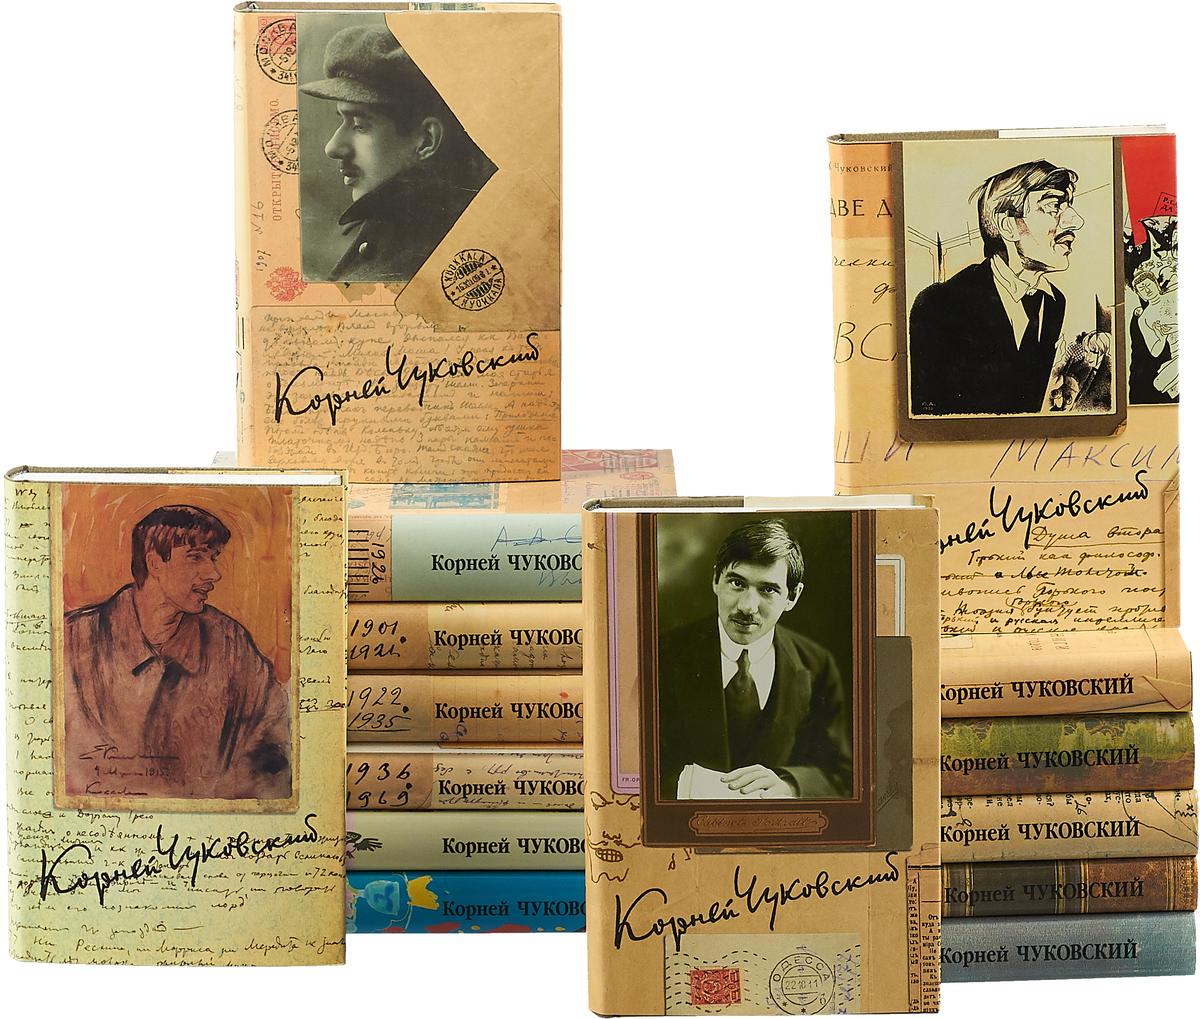 Корней Чуковский Корней Чуковский. Полное собрание сочинений в 15 томах (комплект из 15 книг)